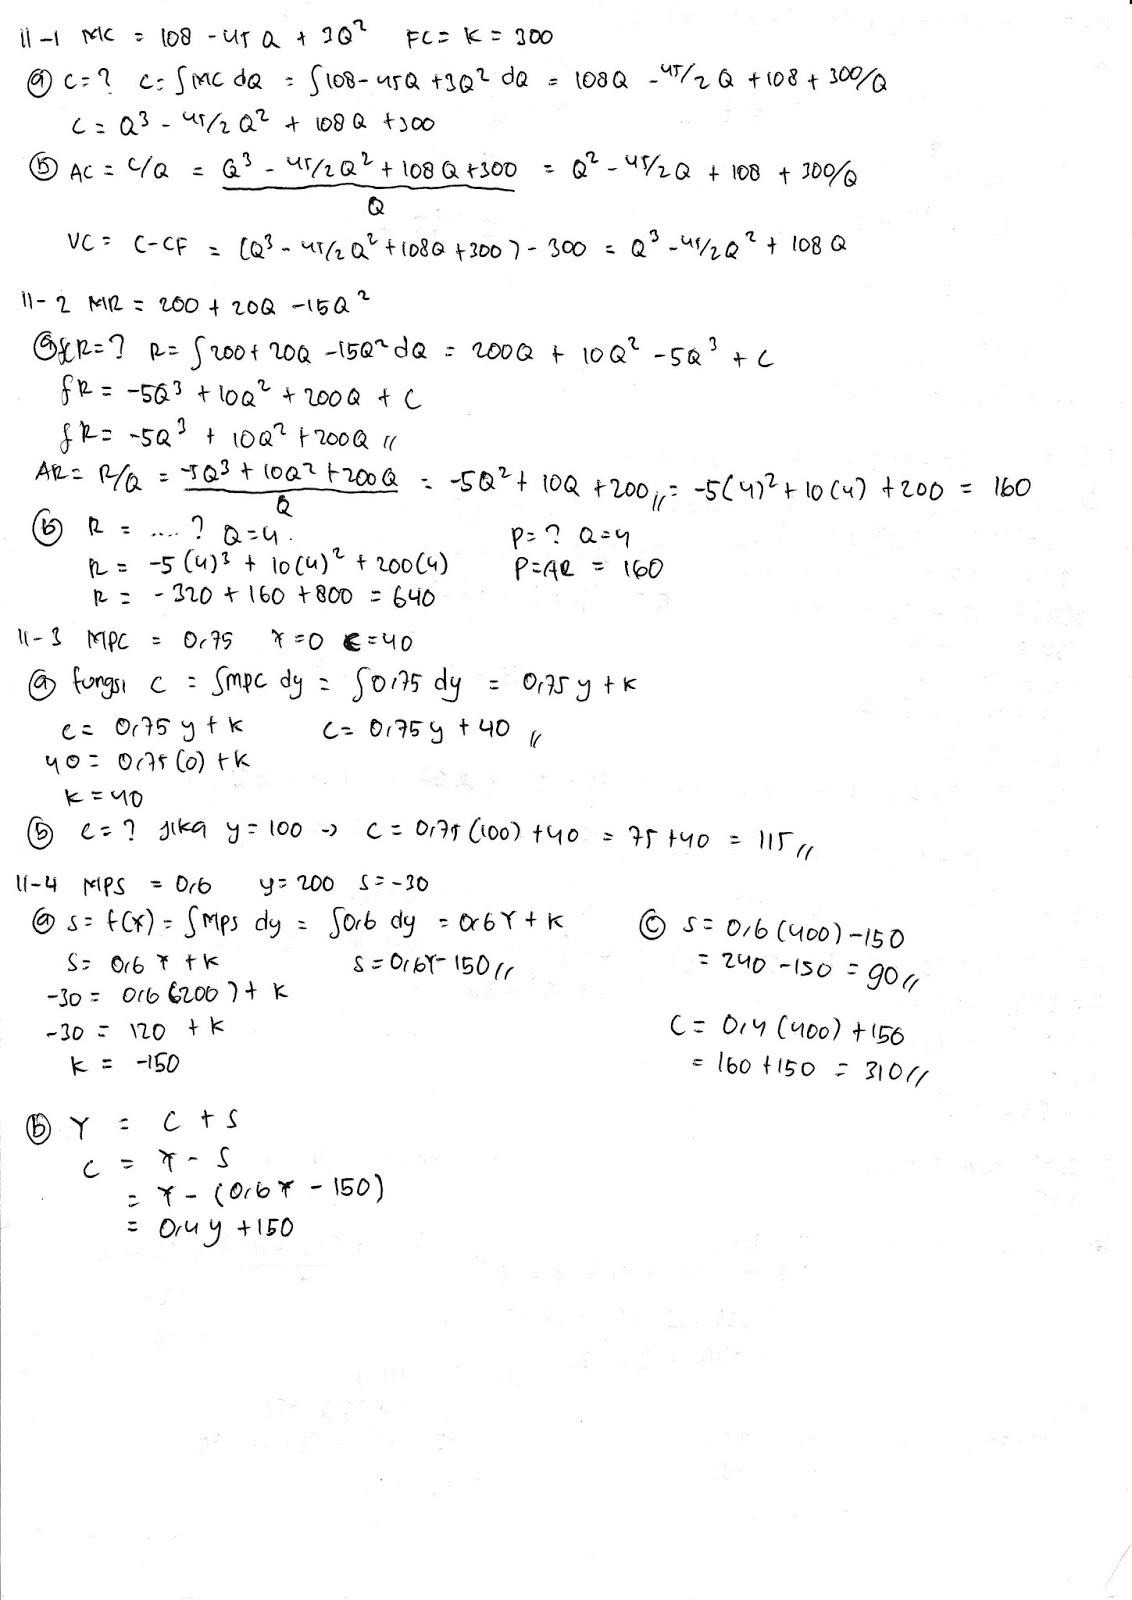 Brittfit jawaban soal ltm statistik deskriptif bsi showing 1 1 of 1. Kunci Jawaban Buku Matematika Ekonomi Dan Bisnis Web Edukasi Sekolah